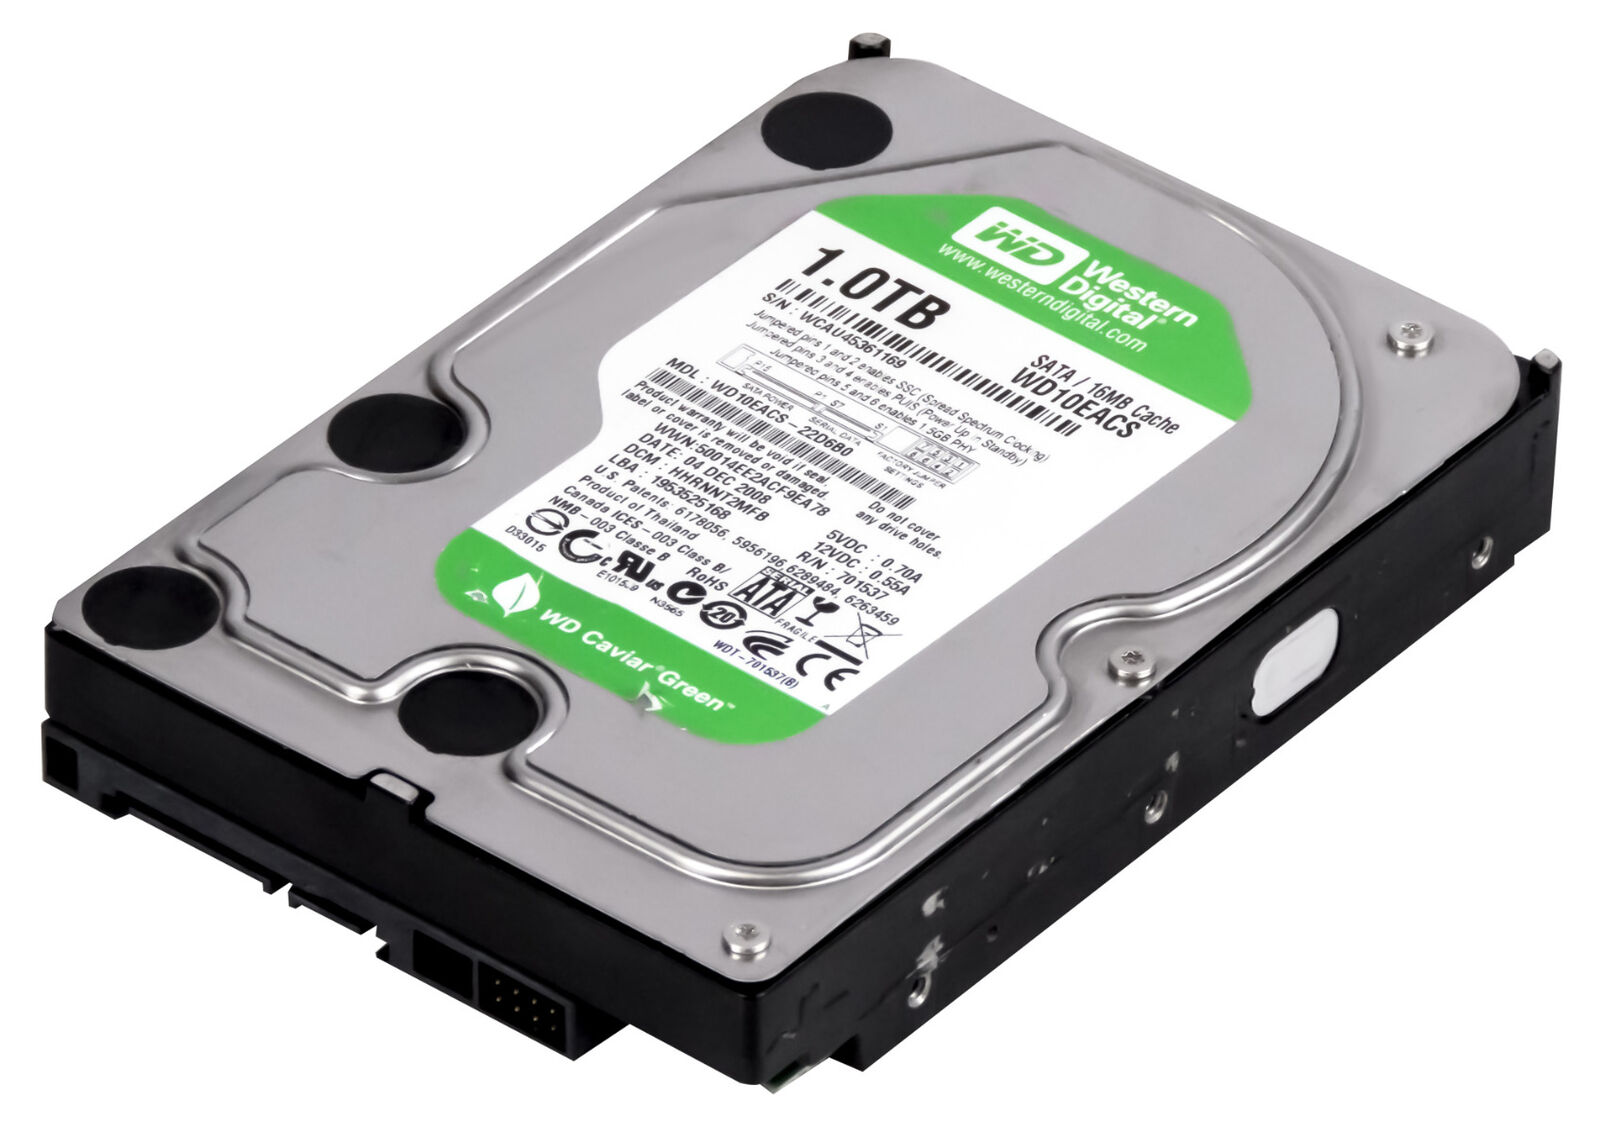 Recupero dati da hard disk